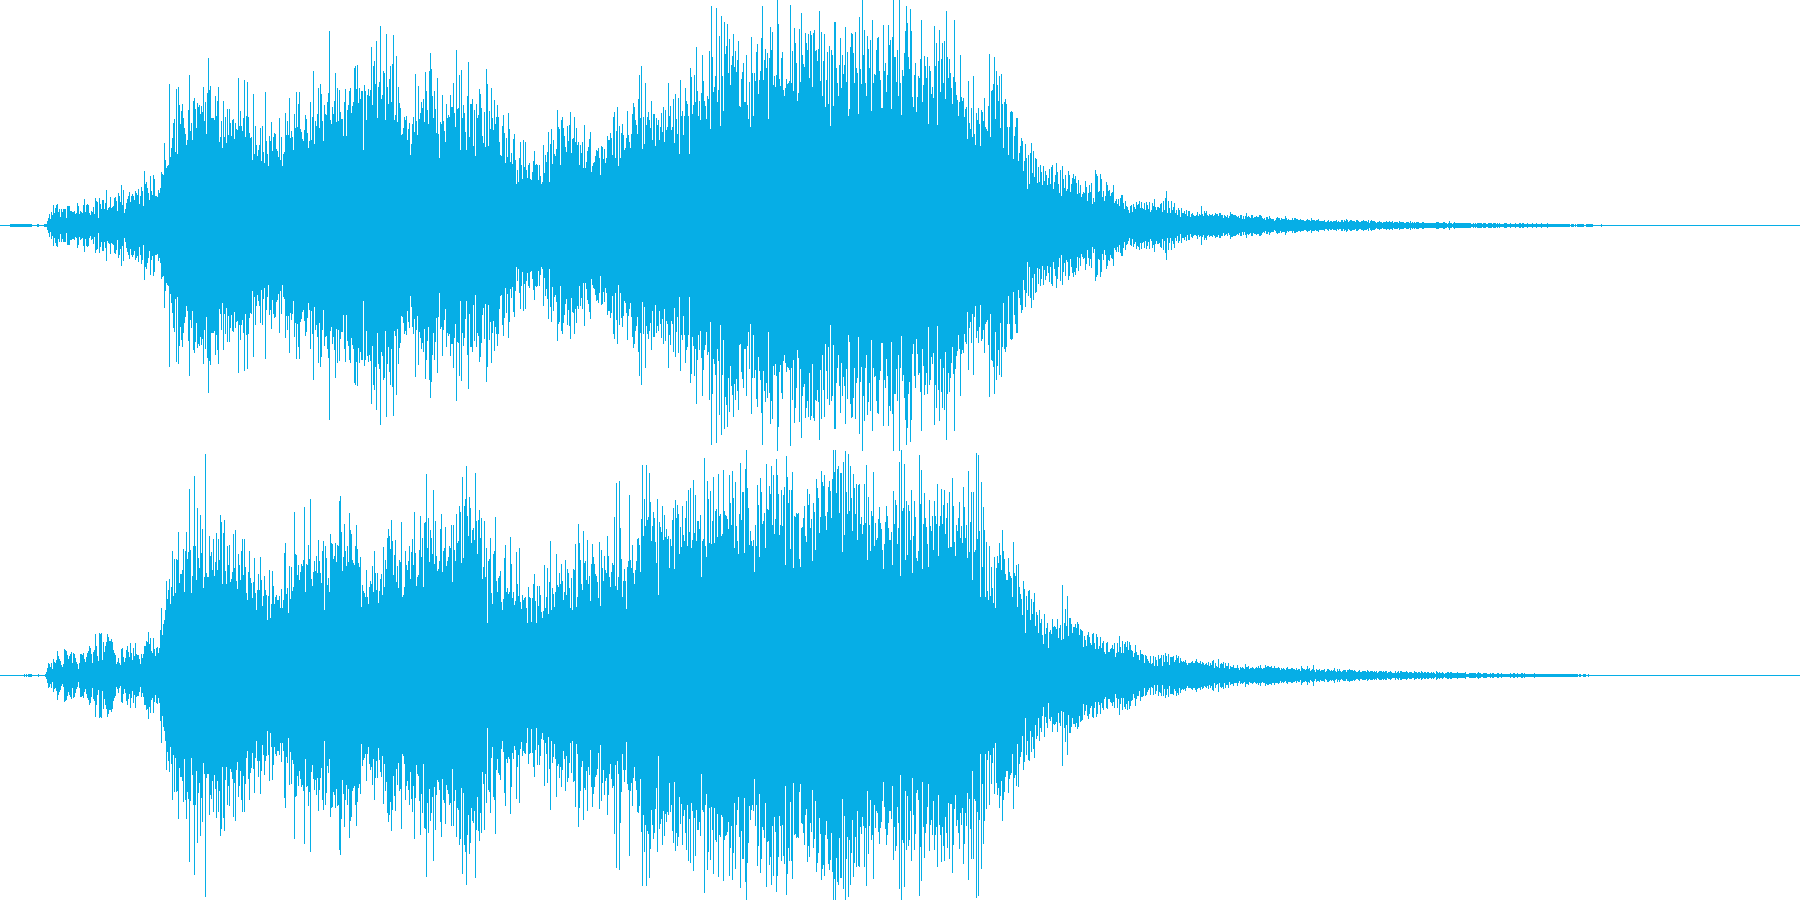 ゲームクリア効果音,ジングル,テッテレーの再生済みの波形